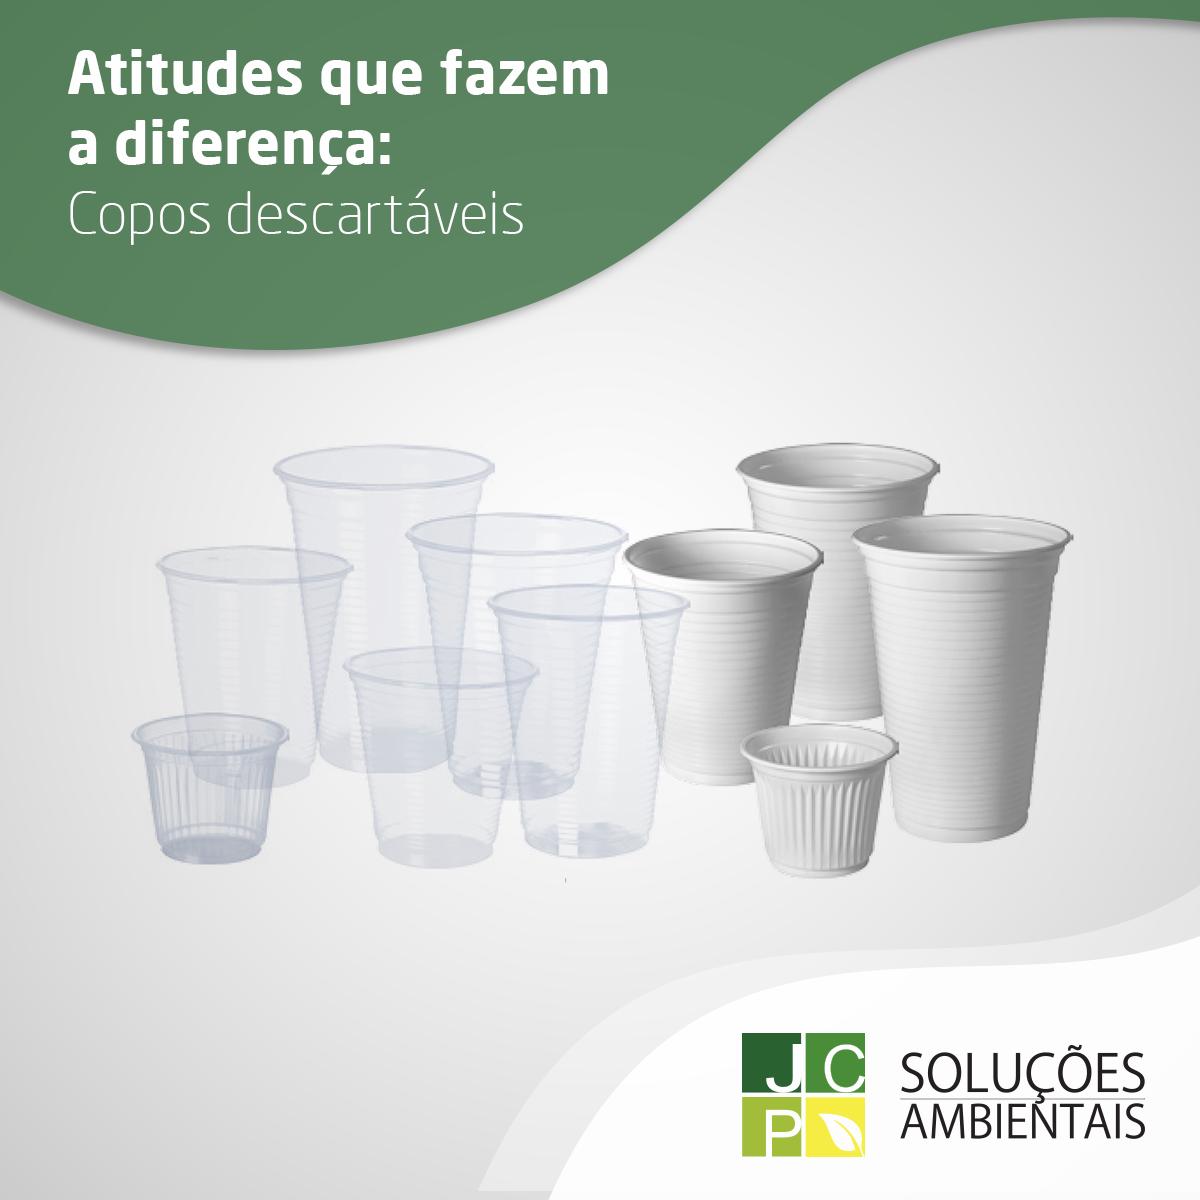 Atitudes que fazem a diferença: Copos descartáveis   JCP Soluções Ambientais Campinas